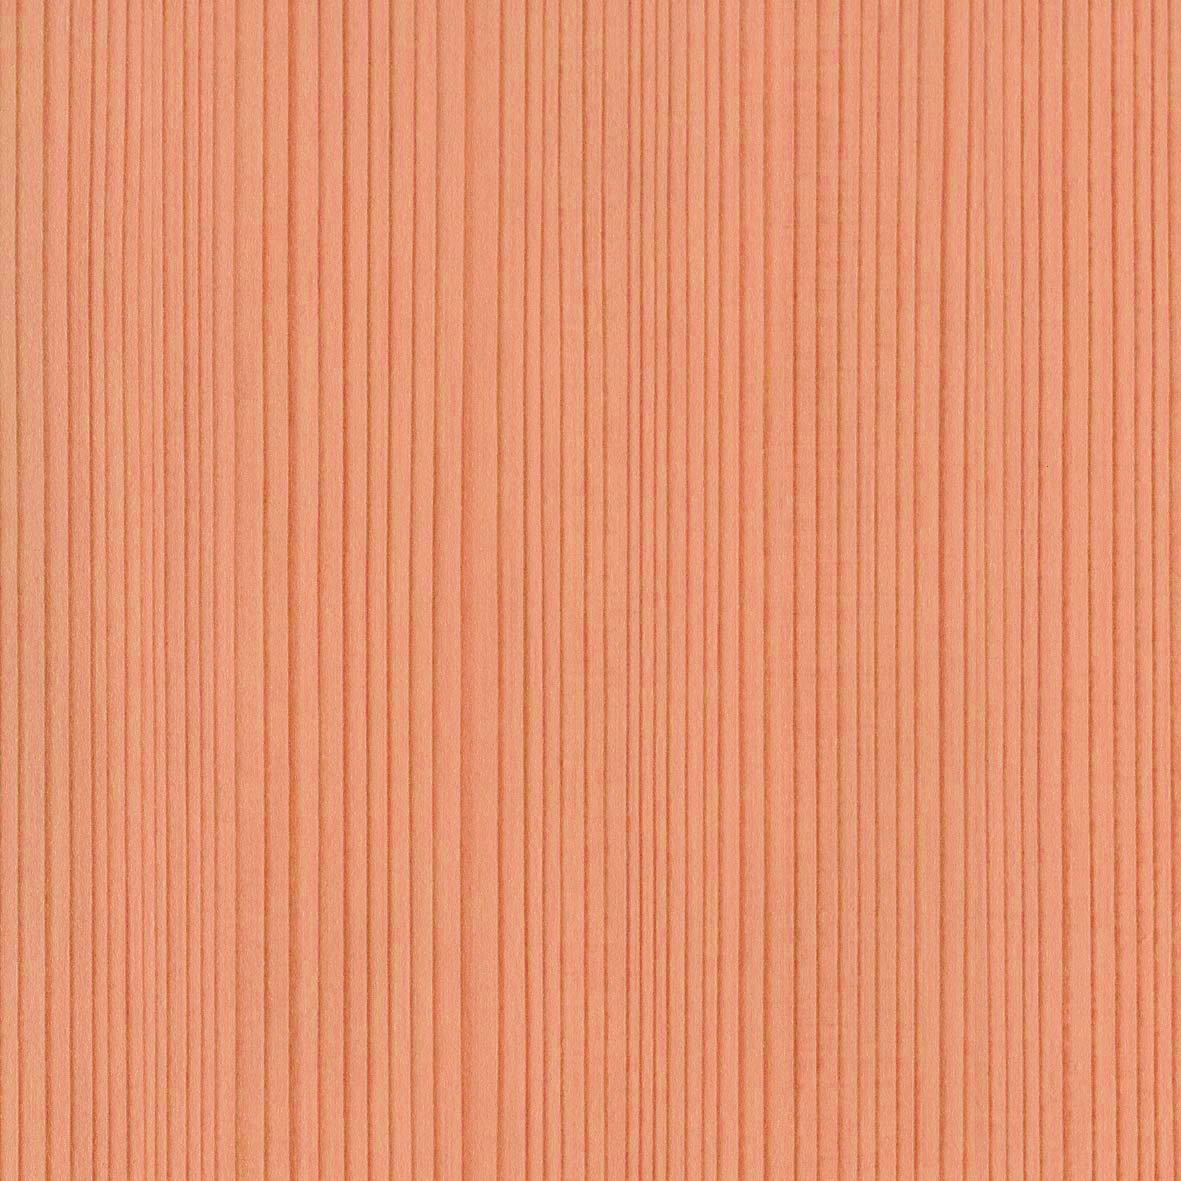 壁紙クロス 33m リリカラ 和 木目調 ブラウン LL-8314 B01N8ONIHH 33m